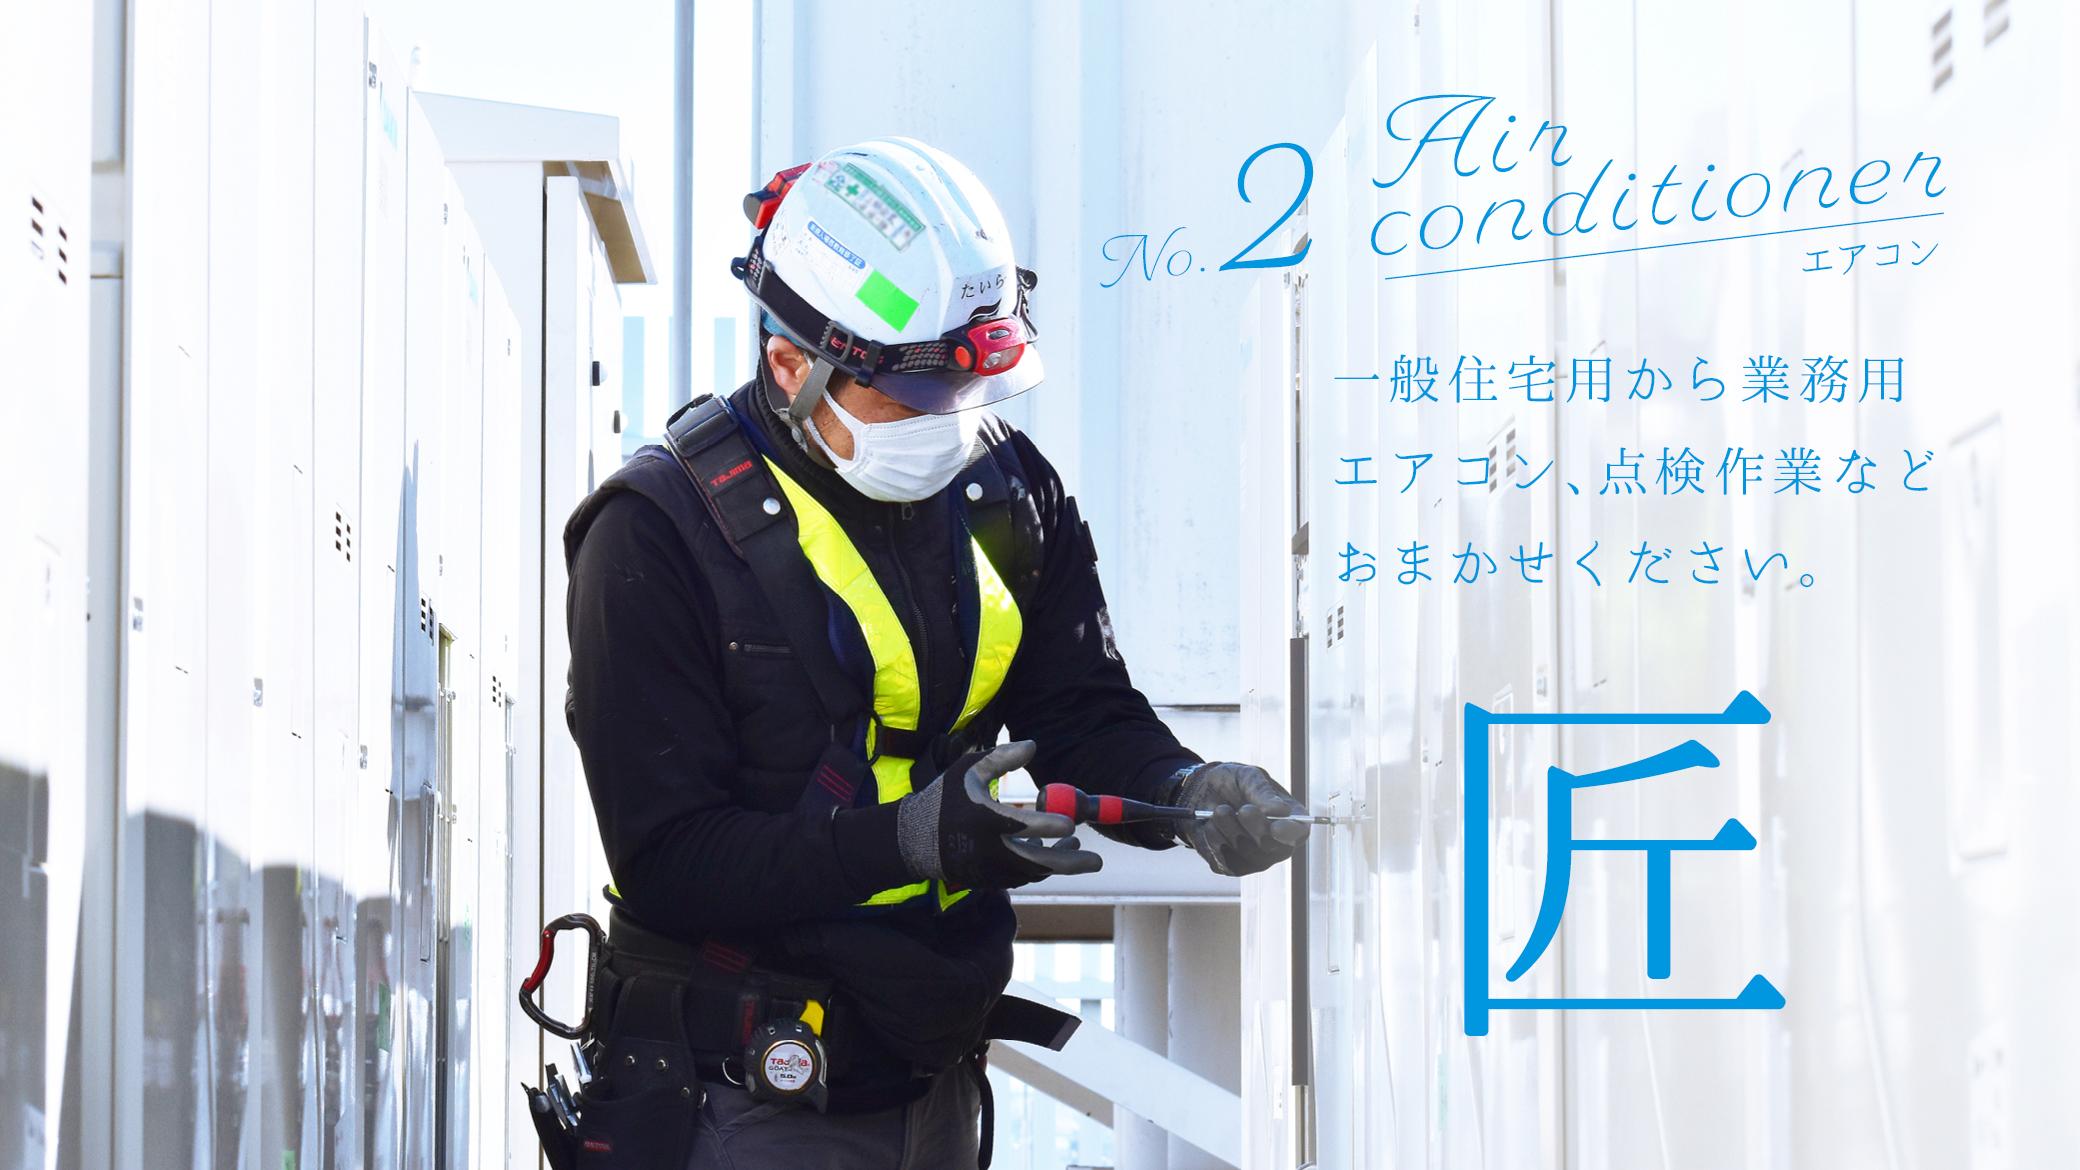 三朋企業のエアコン事業は、一般住宅用から業務用エアコンの取付から点検作業などのアフターフォローまで一貫してお任せいただけます。